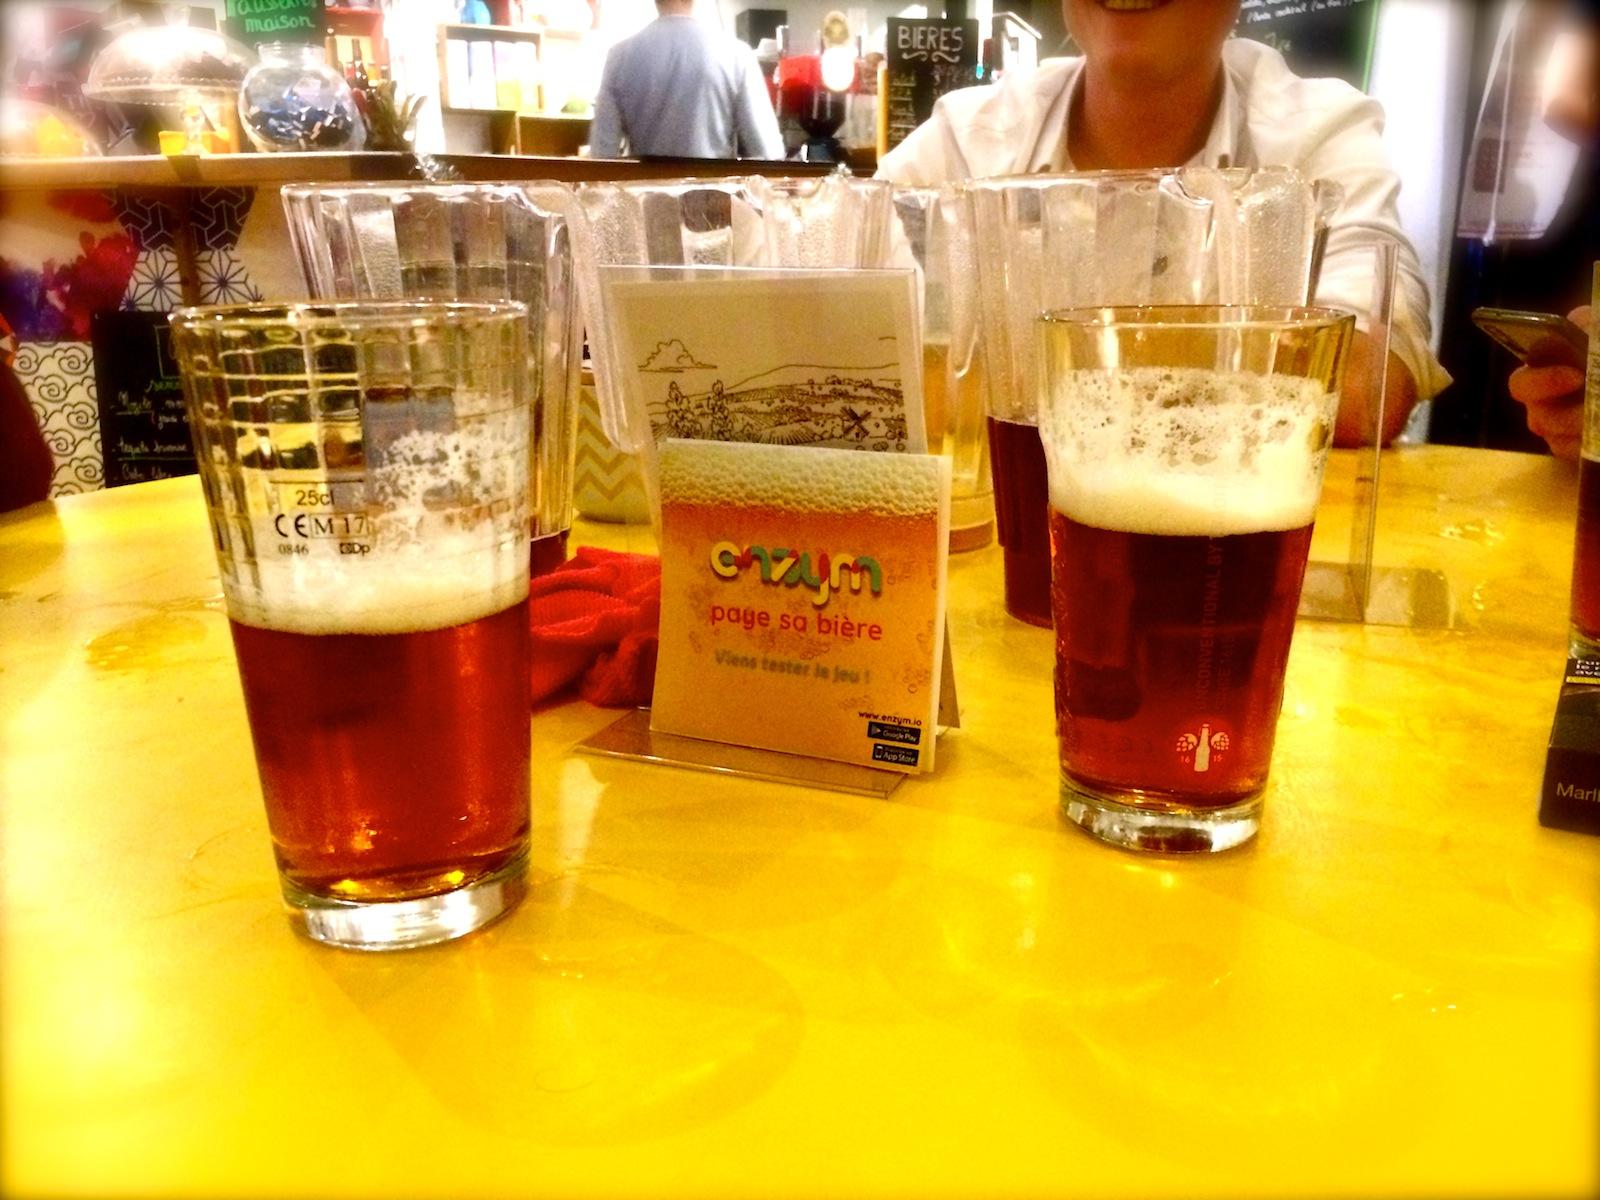 Nouvelle semaine, l'Happyness Digital Coffee and Beer se poursuit encore au Patchwork Café!